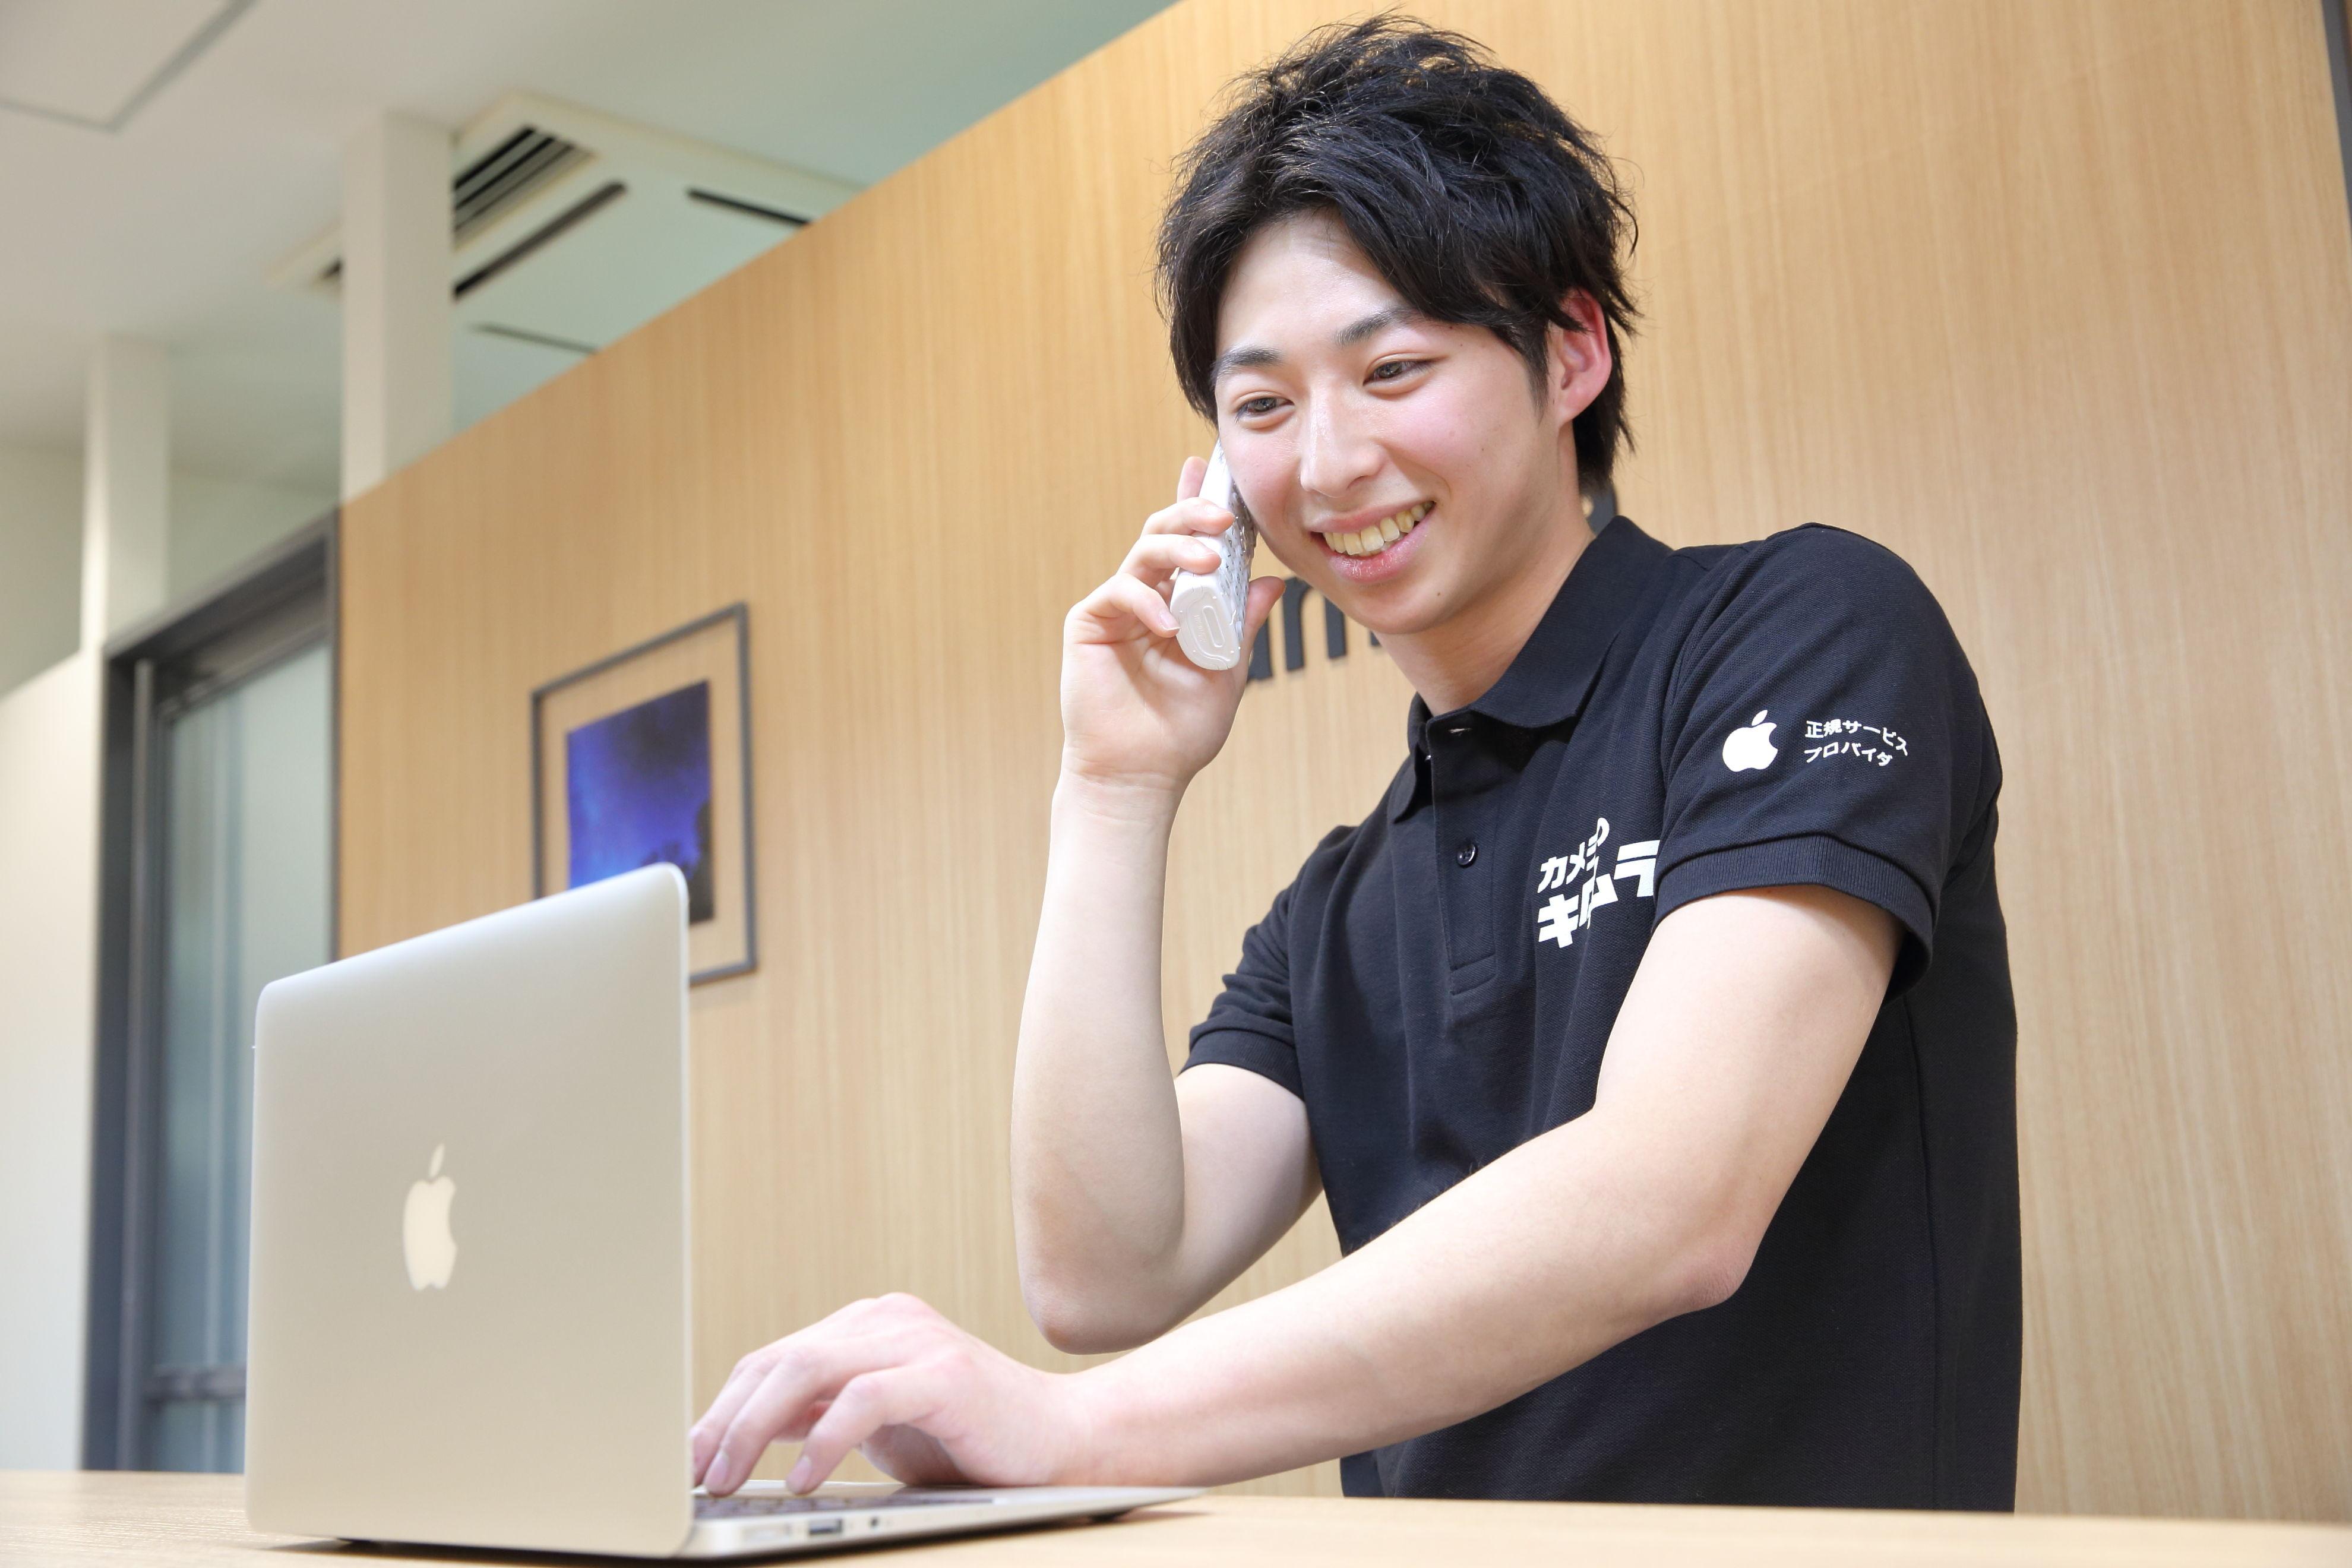 カメラのキタムラ アップル製品サービス 大阪/ルクアイーレ店 のアルバイト情報